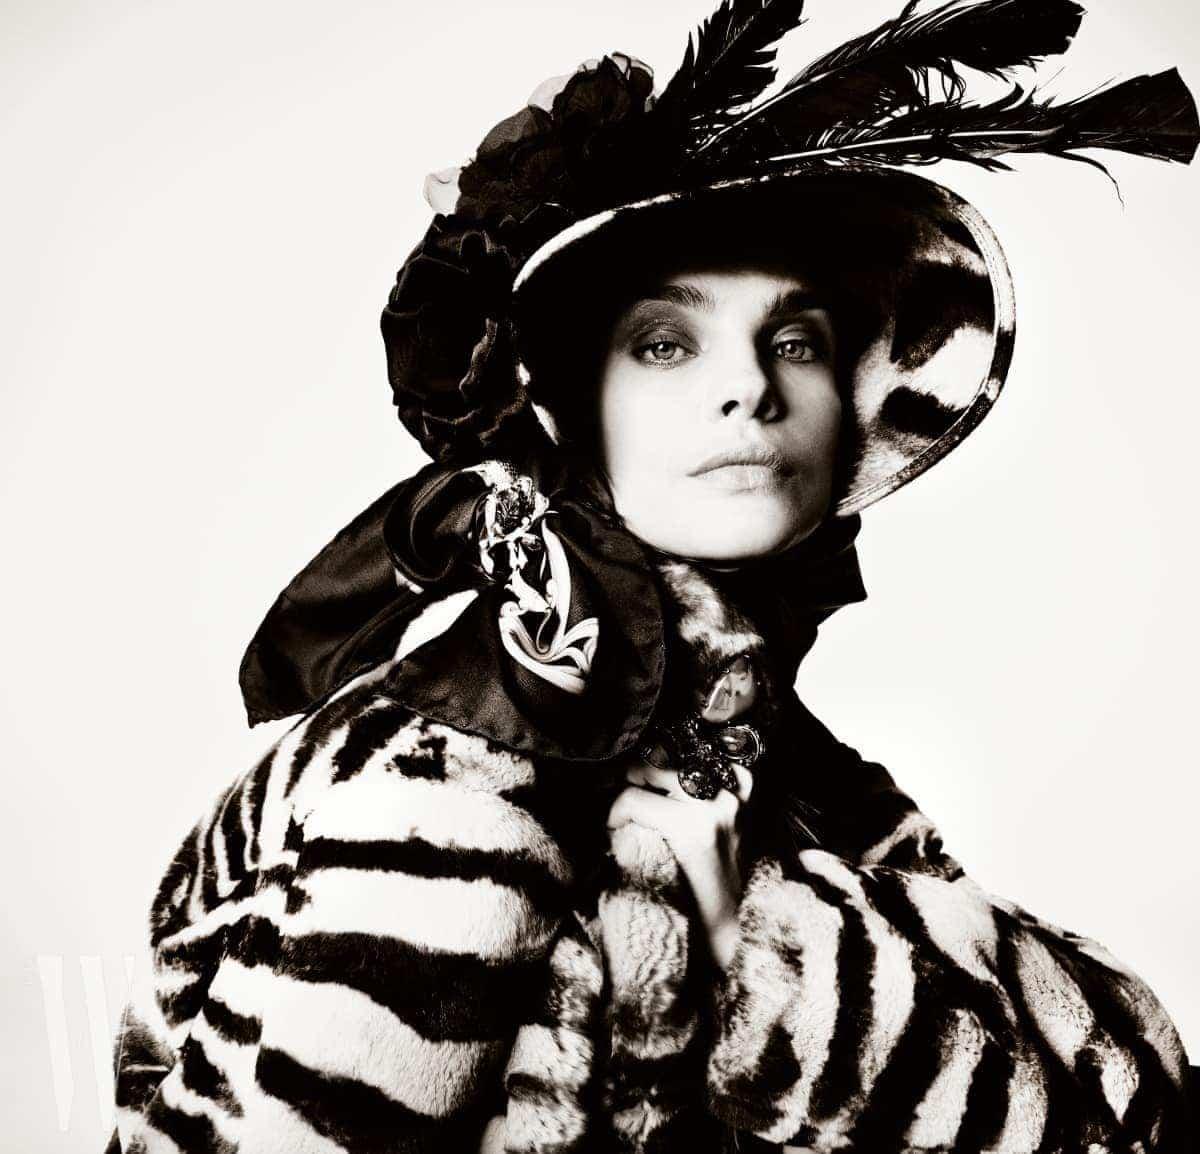 모피 코트는 Marni, 모자는 Patricia Underwood, 모자에 장식한 꽃은 M&S Schmalberg, 스카프는 What Goes Around Comes Around, 브로치는 Eleuteri, 커다란 반지는 Iradj Moini 제품.